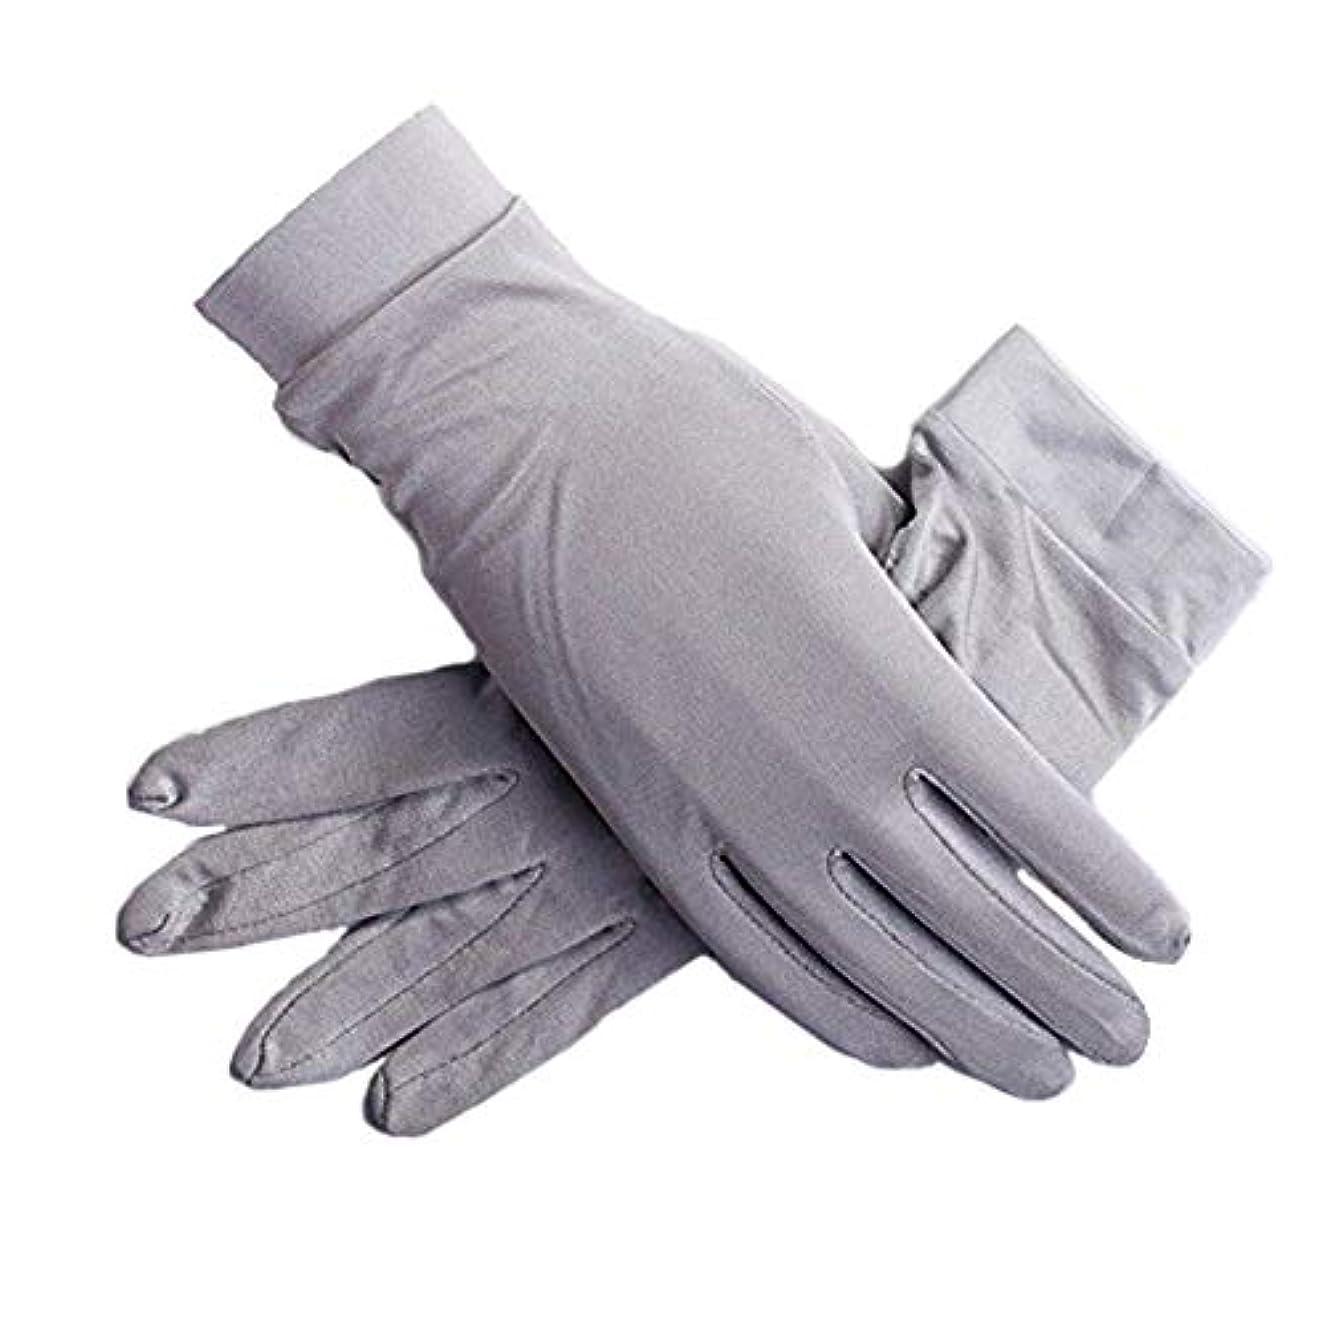 セレナパワー事件、出来事メンズ シルク手袋 手袋 シルク おやすみ 手触り夏 ハンド ケア レディース日焼け防止 が良い 紫外線 保湿